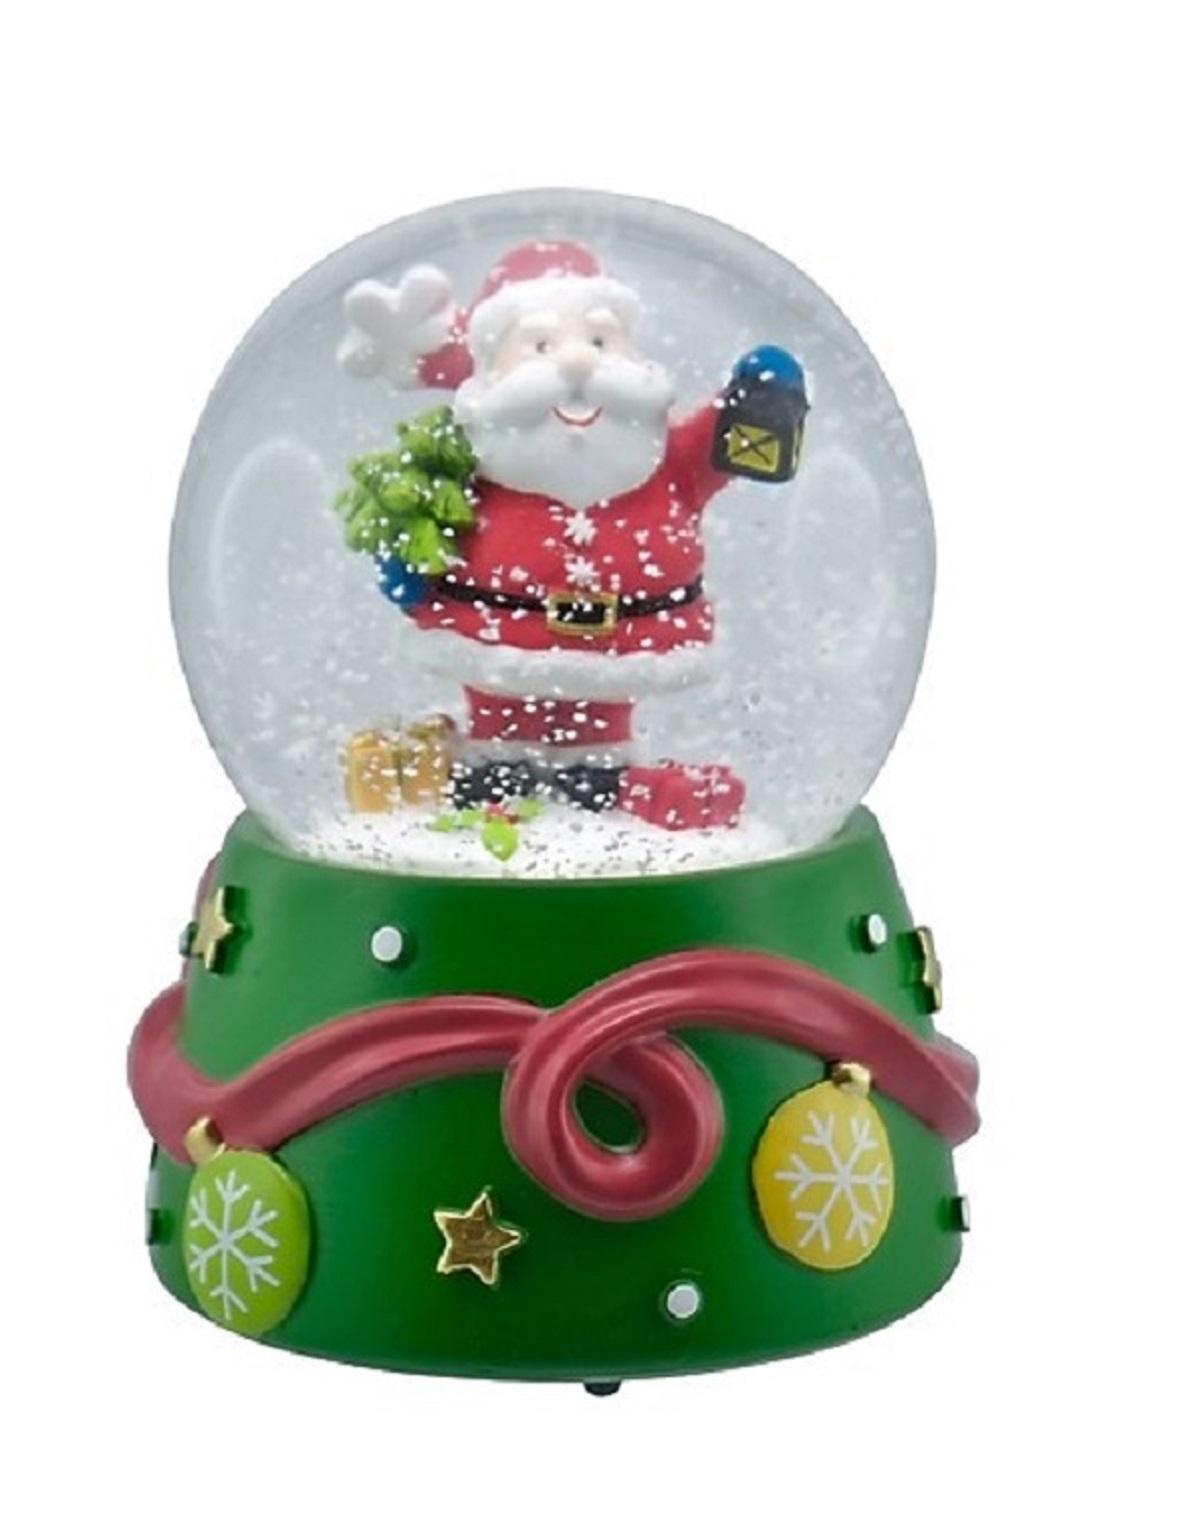 Spieluhr mit Schneekugel Ø 10cm x 15 cm Weihnachten Weihnachtsmann ...